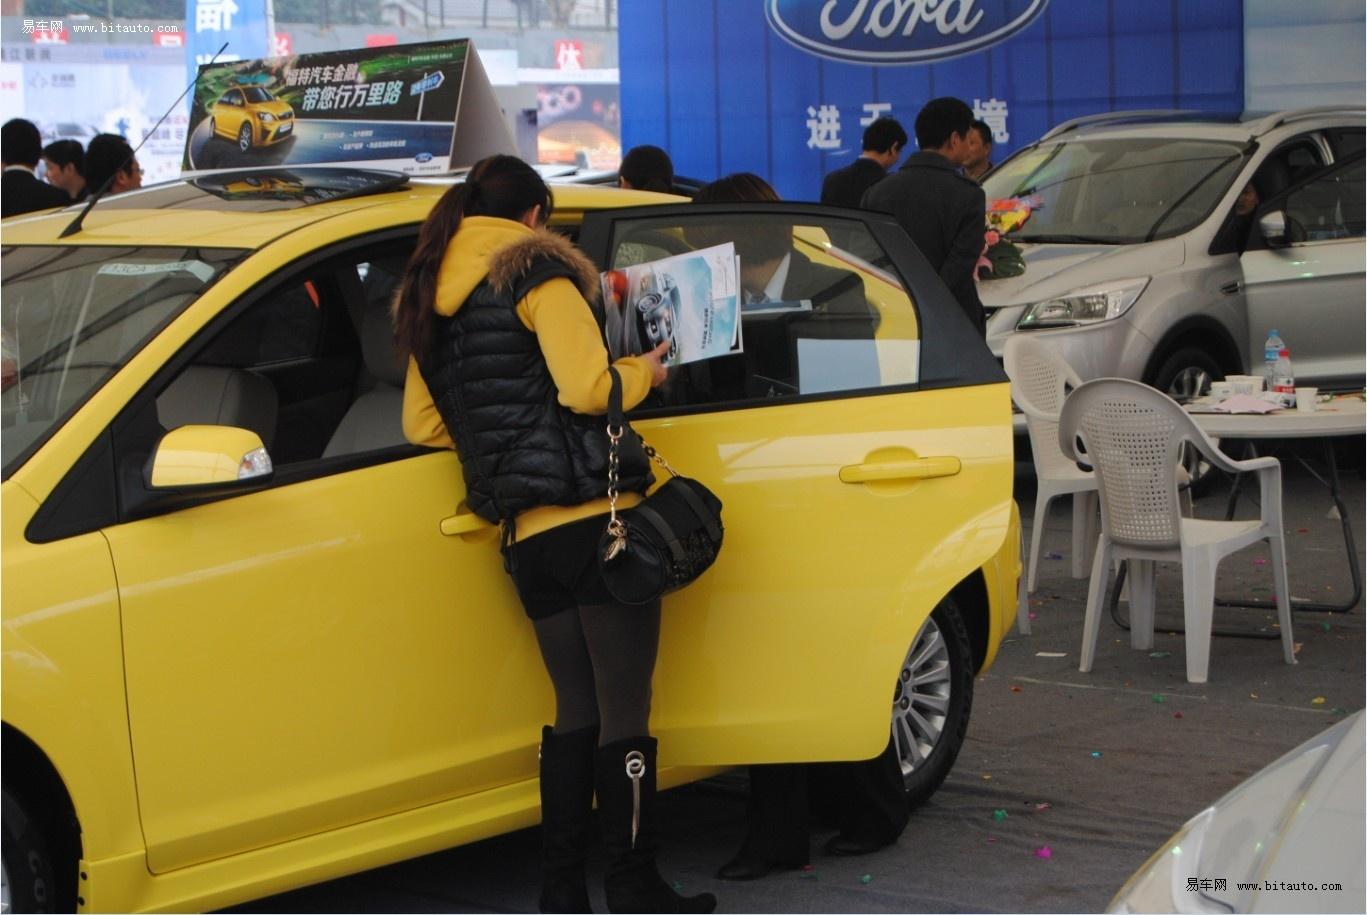 """2013年3月16日,在镇江体育场""""3.15""""车展上,众多汽车品牌齐聚一堂,计划买车的朋友们都在许多车型面前徘徊,想为自己购买一辆经济实惠的爱车。 沃尔沃镇江世贸泰信4S店全系车型出动,车展现场更是做出了大幅度的优惠,吸引了众多人士前来咨询。      东风日产镇江天安达4S店在车展现场用风铃与红包布置了浪漫基调的展位,让顾客们在买车的同时还能体会到店内工作人员的贴心与温暖,同时,车展现场,东风日产还给出了大幅度的让利,喜欢的朋友赶紧咨询吧!     福特镇江福联4S店热闹非凡,订"""